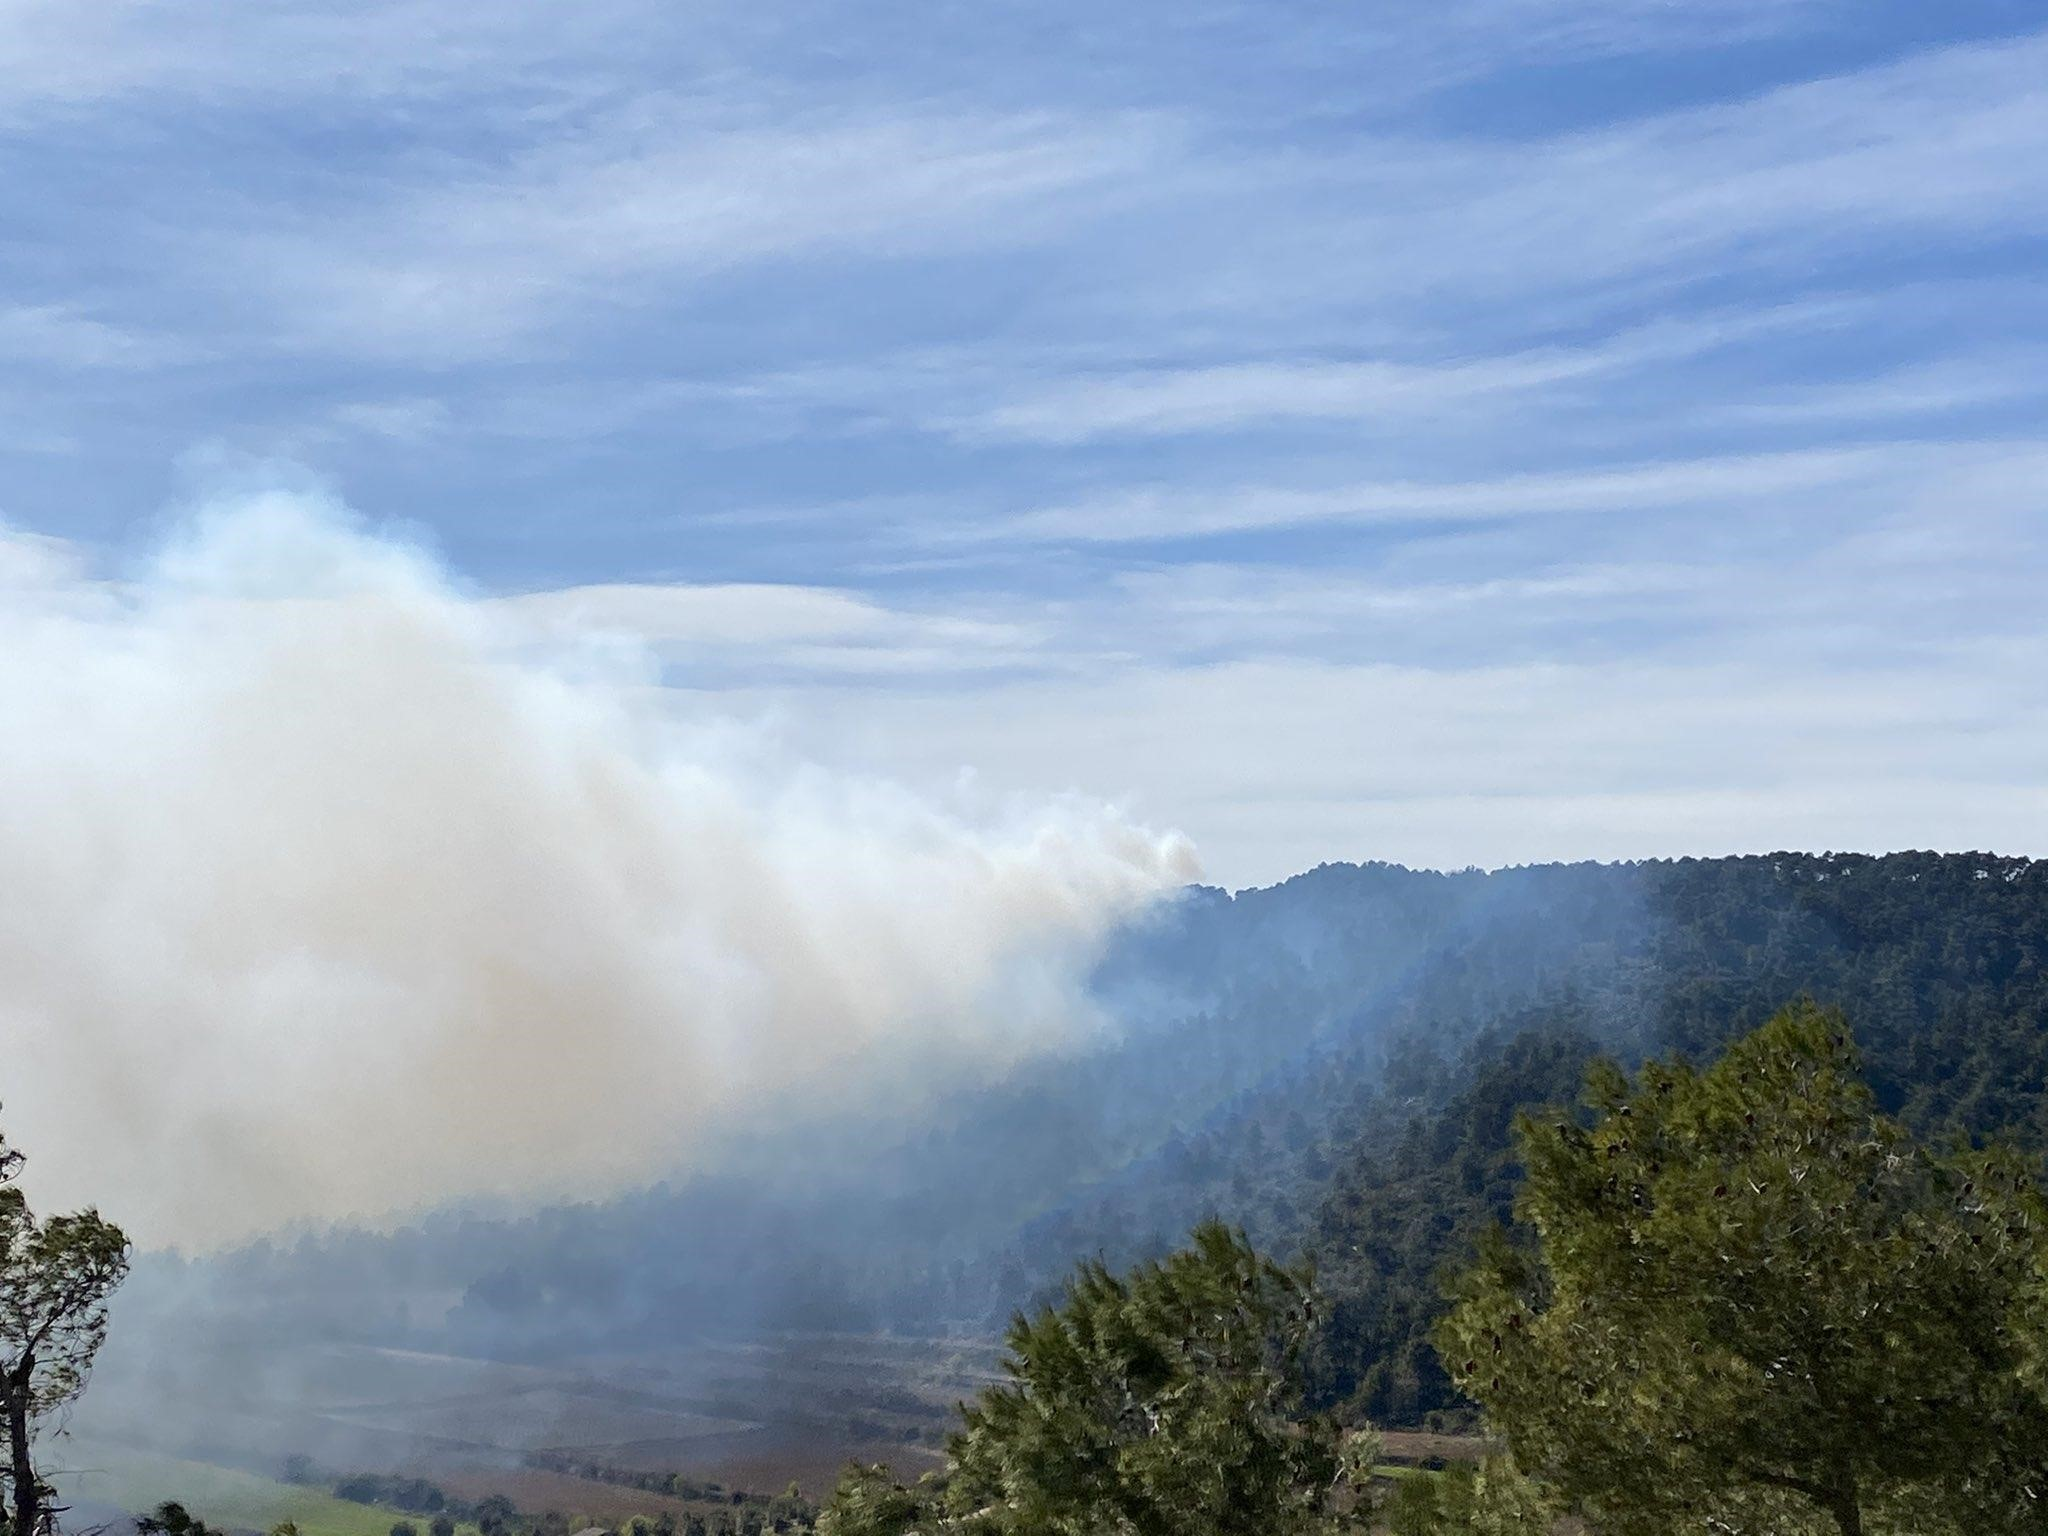 19 incendios forestales provocados en Cantabria en 24 horas